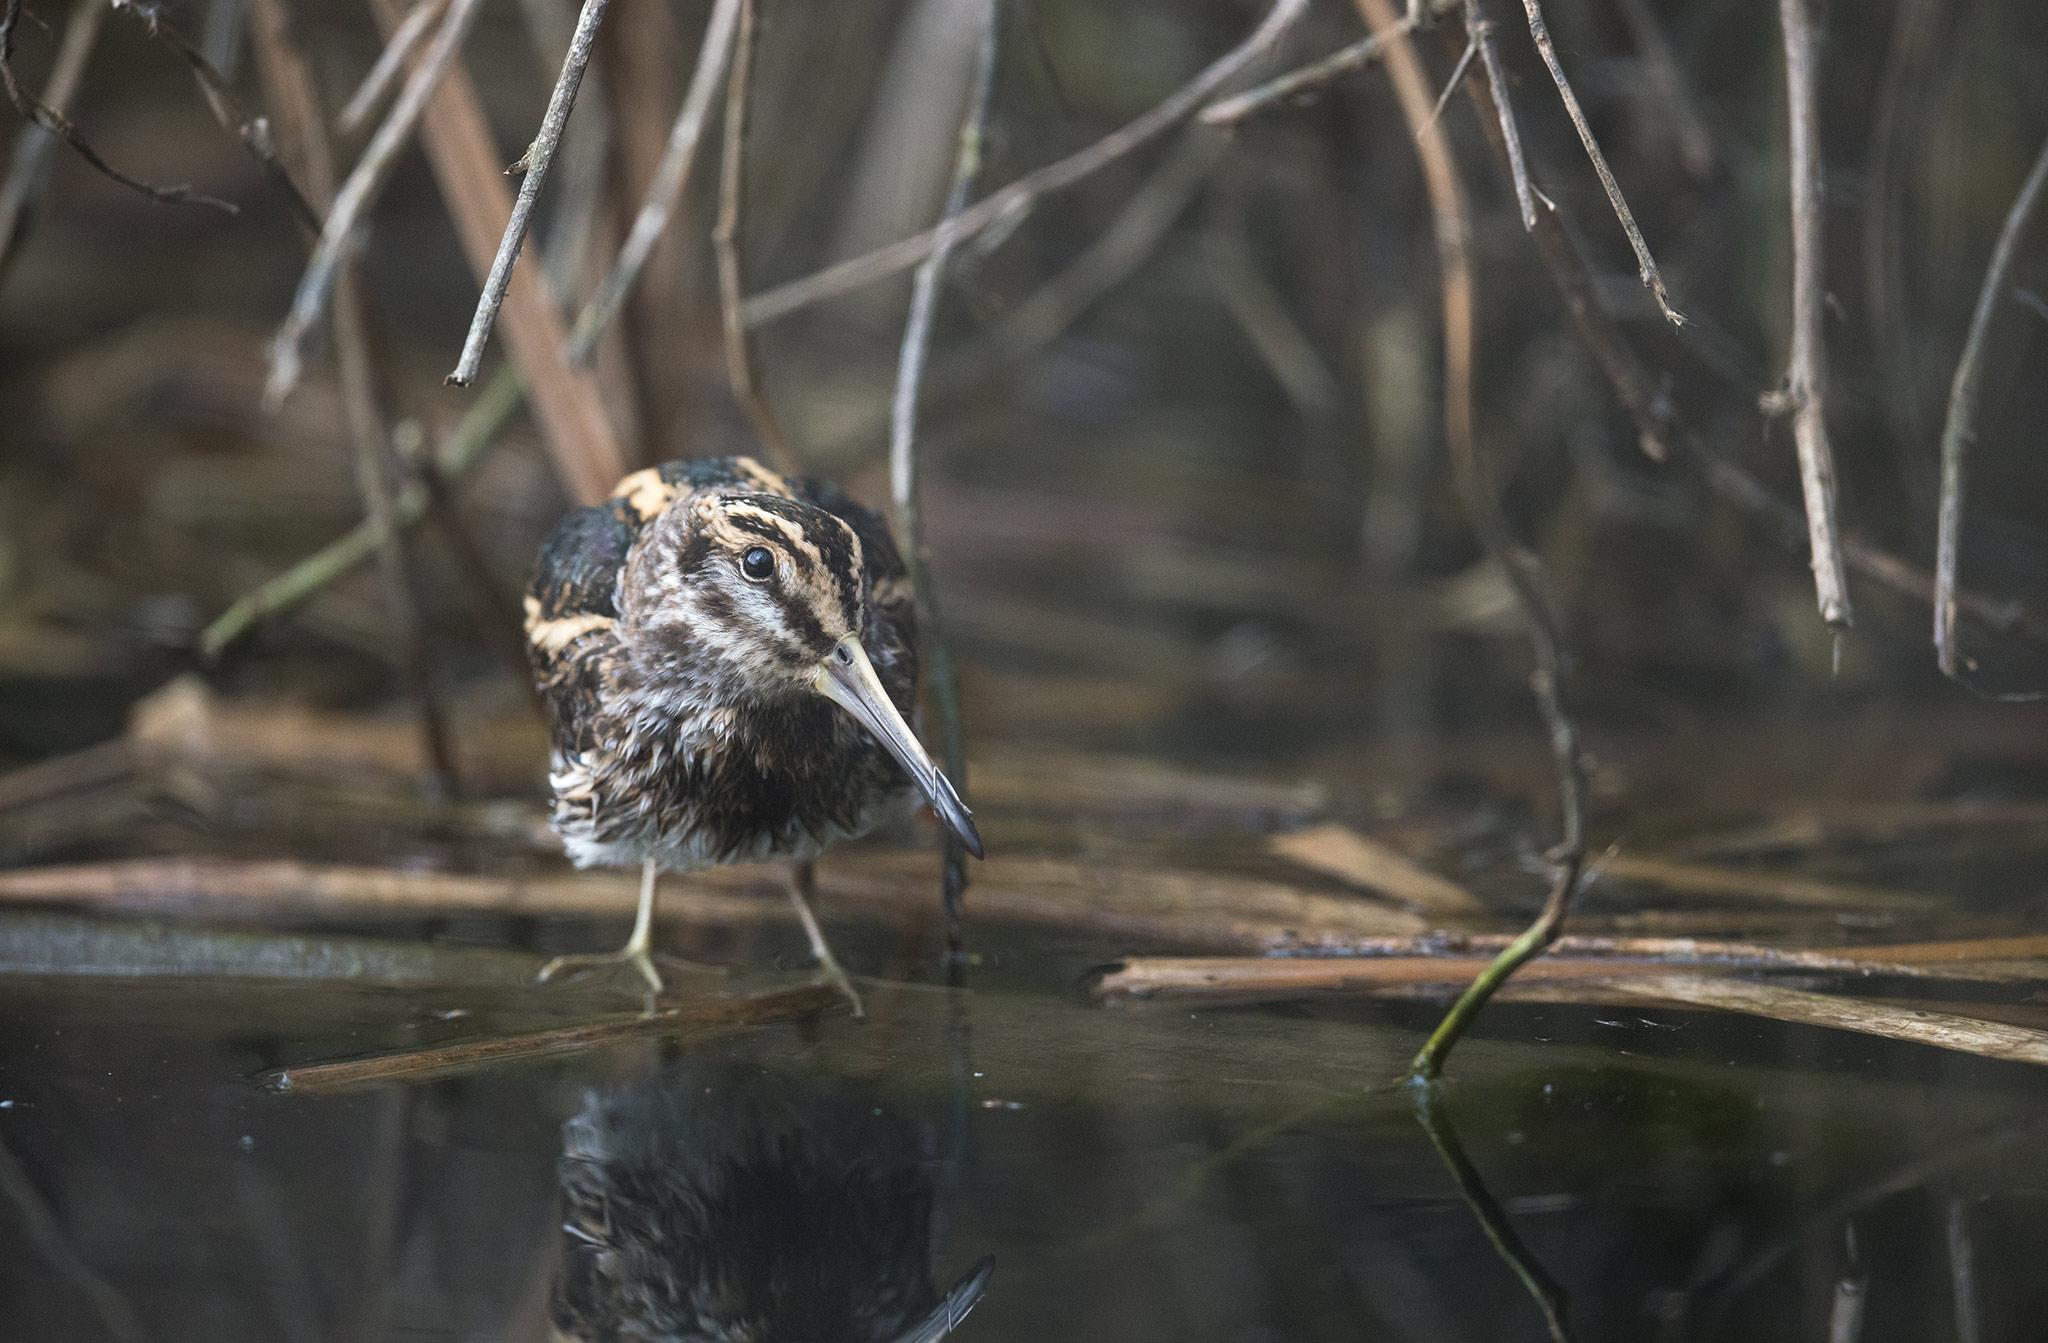 Bécassine sourde Lymnocryptes minimus - Jack Snipe - La Bécassine sourde est une espèce d'oiseaux, l'une des trois espèces de bécassines vivant en France. C'est la seule bécassine qui attend le dernier moment pour prendre son envol lorsqu'un danger survient.